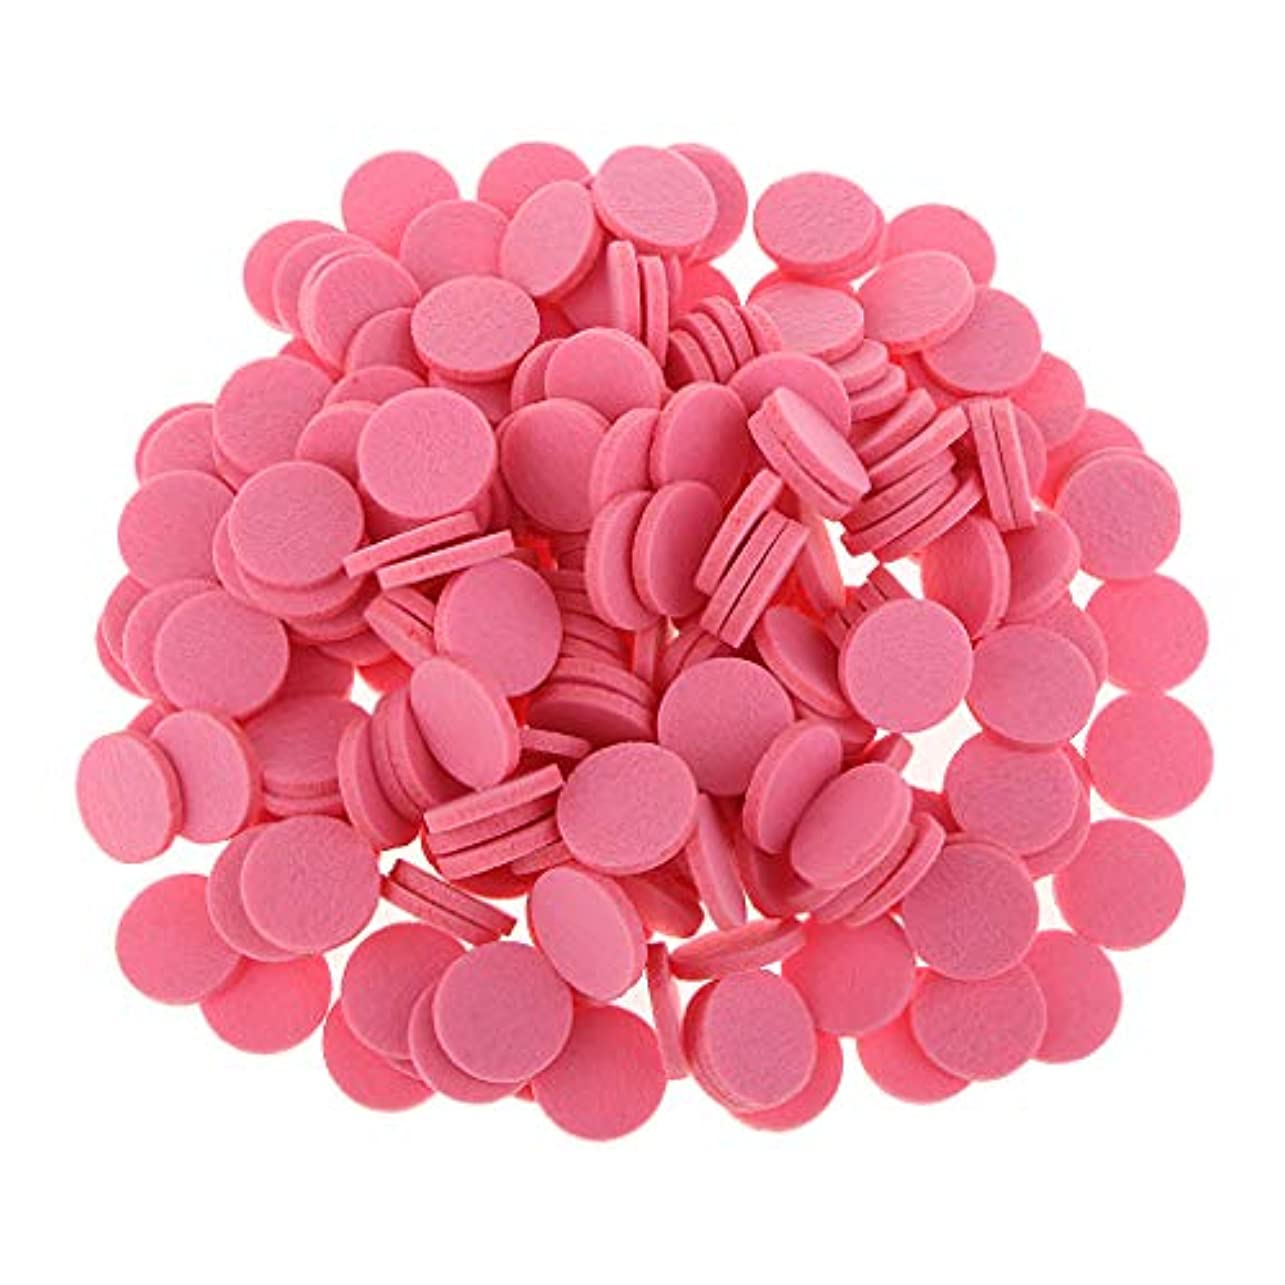 に対してスーダン入浴アロマセラピー エッセンシャルオイル ディフューザー パッド 詰替パッド 吸収性 洗える 全11色 - ピンク